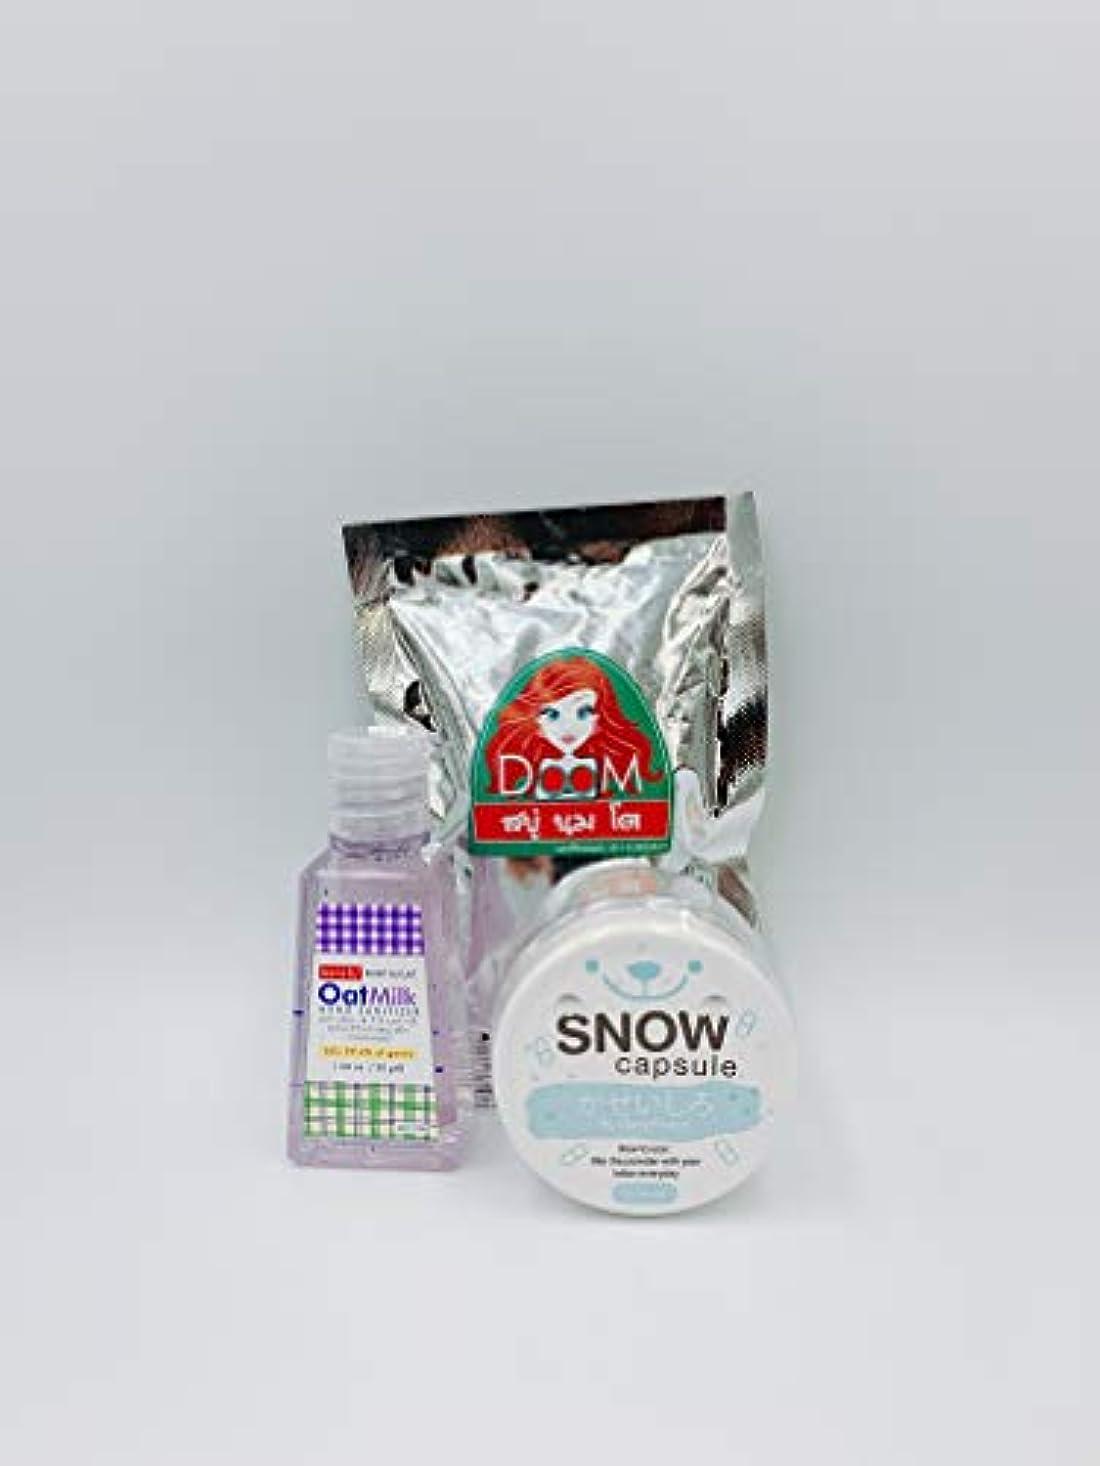 乱す織るシンポジウムBench Oat Milk HAND SANITIZER & DOOM SOAP & SNOW CAPSULE SET